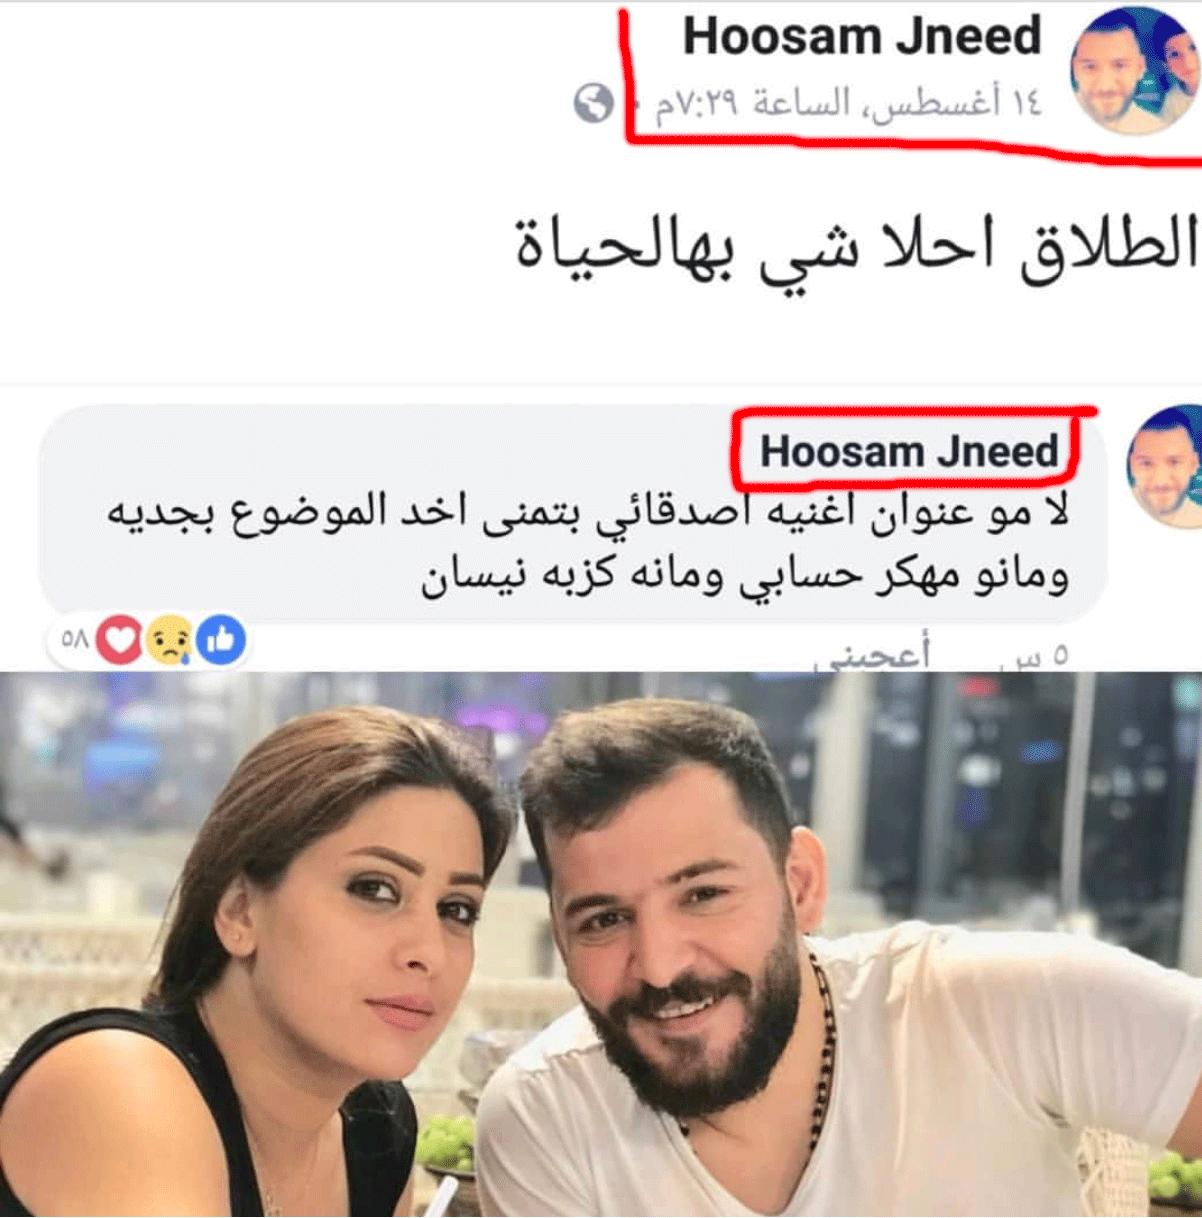 حسام جنيد عندما أعلن طلاقه